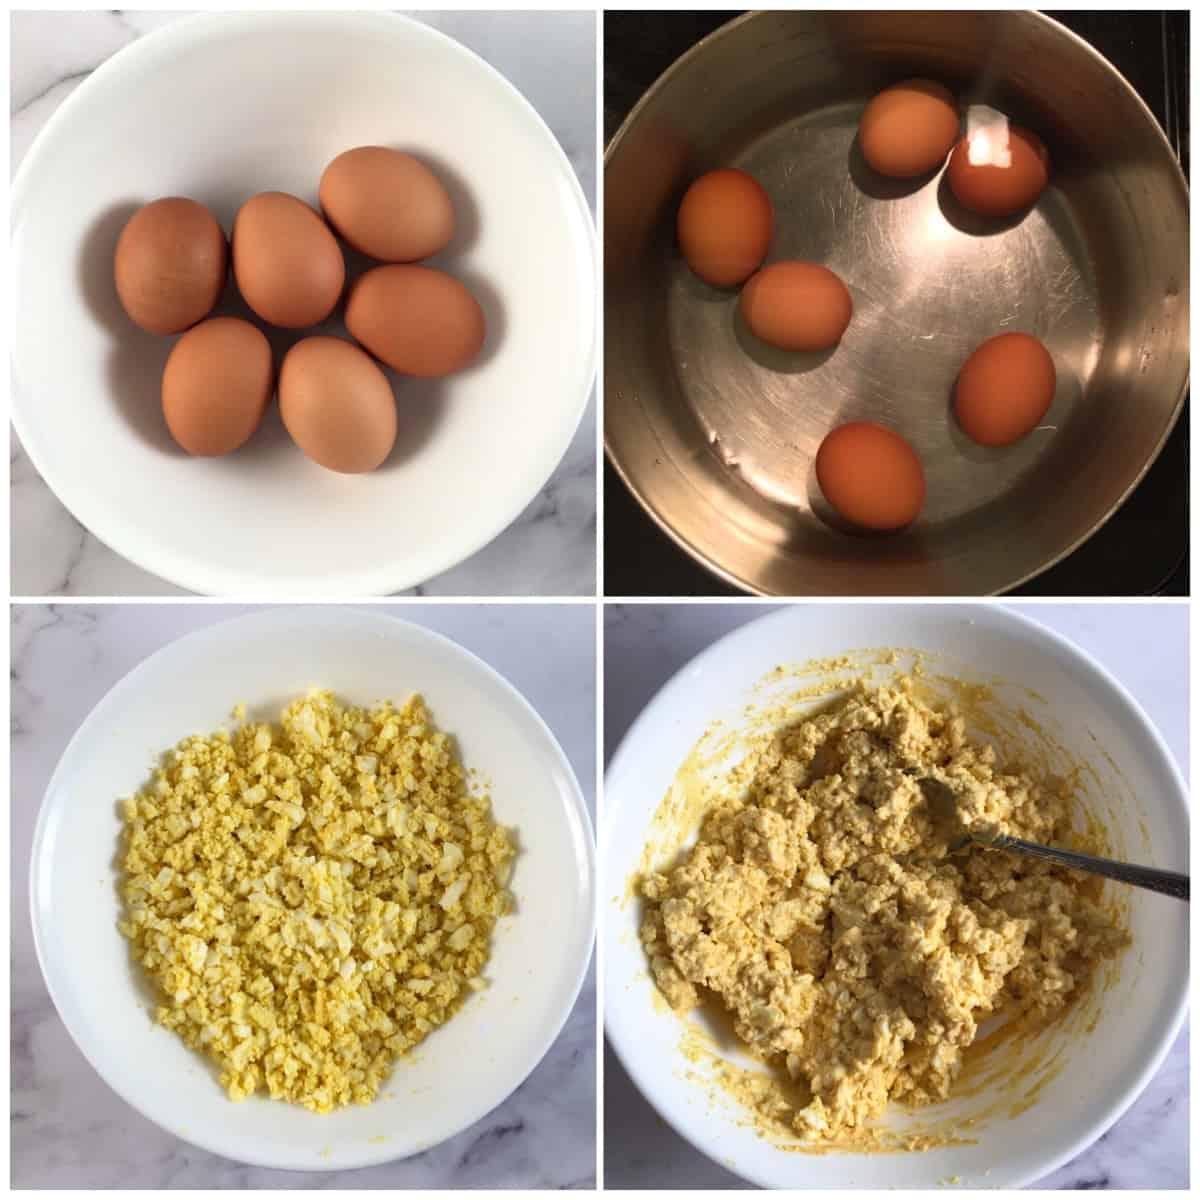 keto egg salad directions